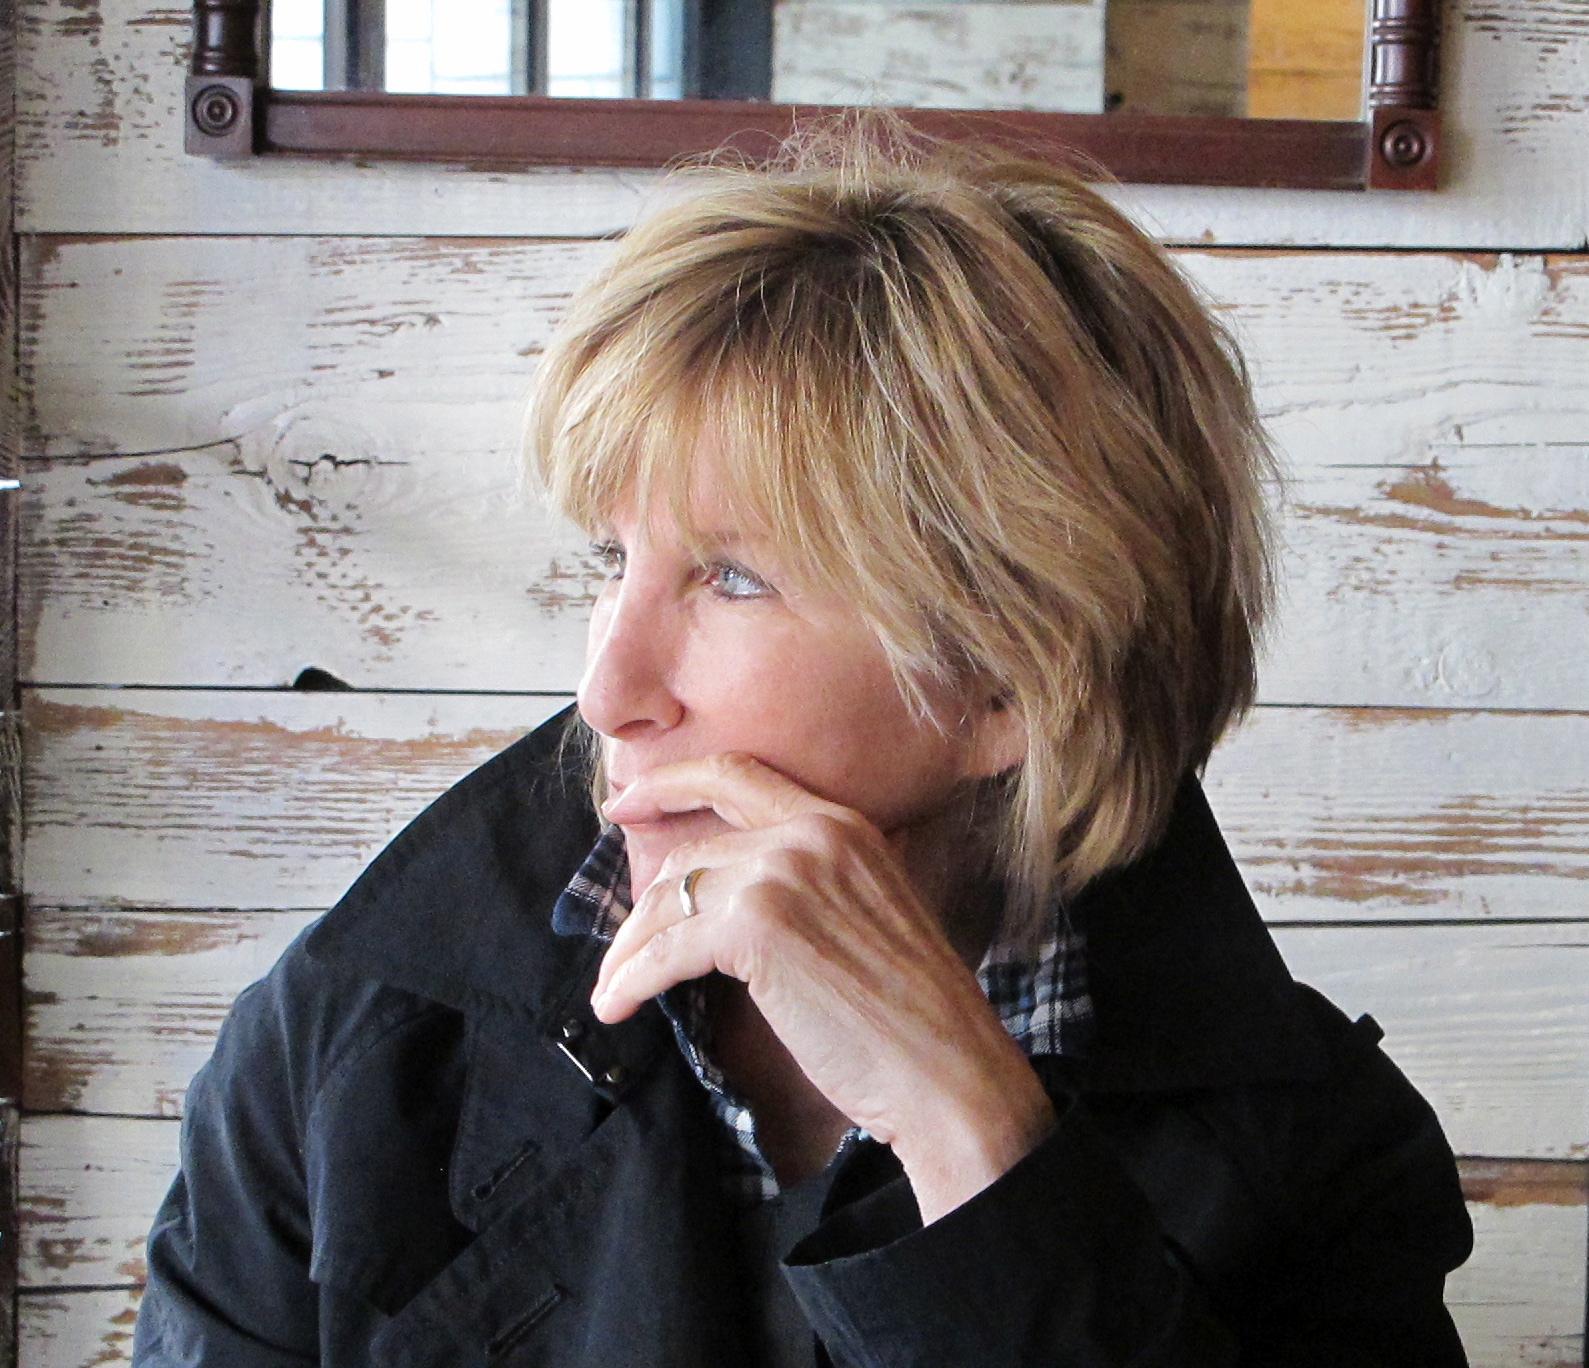 Lori Lieberman, New York